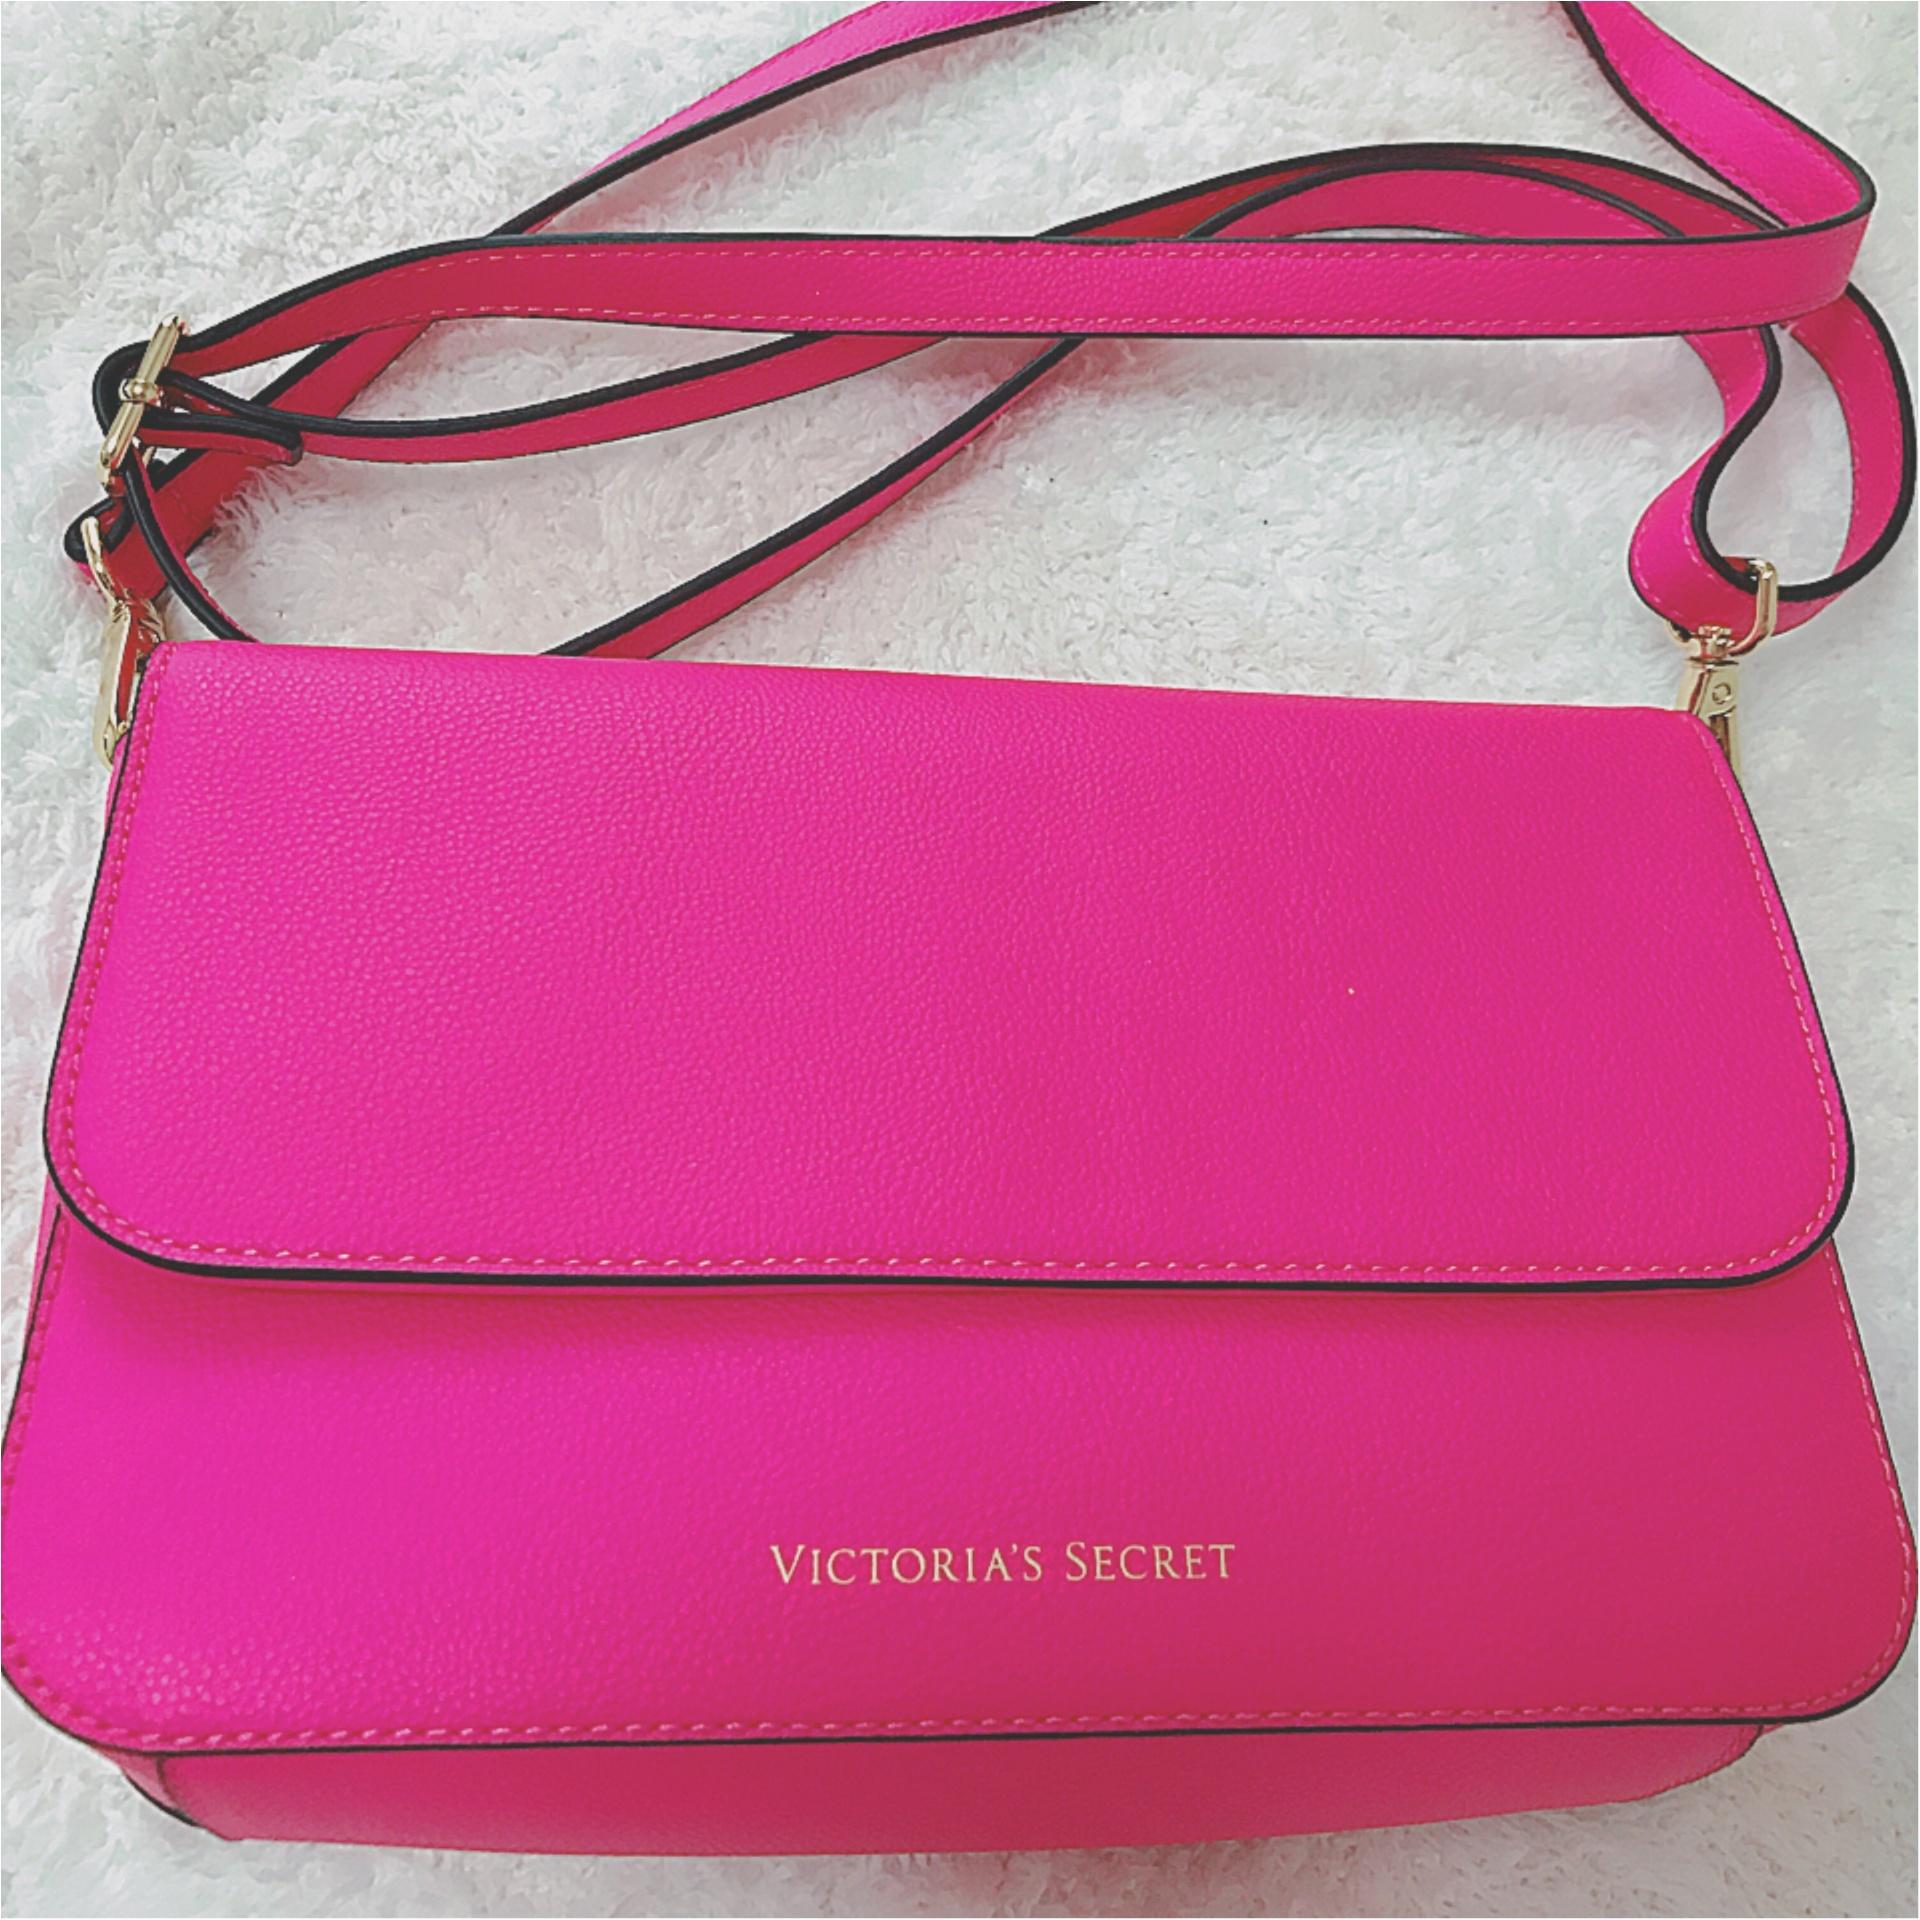 ★やっぱりビビットカラーが好き♡ビビットピンクのショルダーバッグが意外と使えるんです★_2